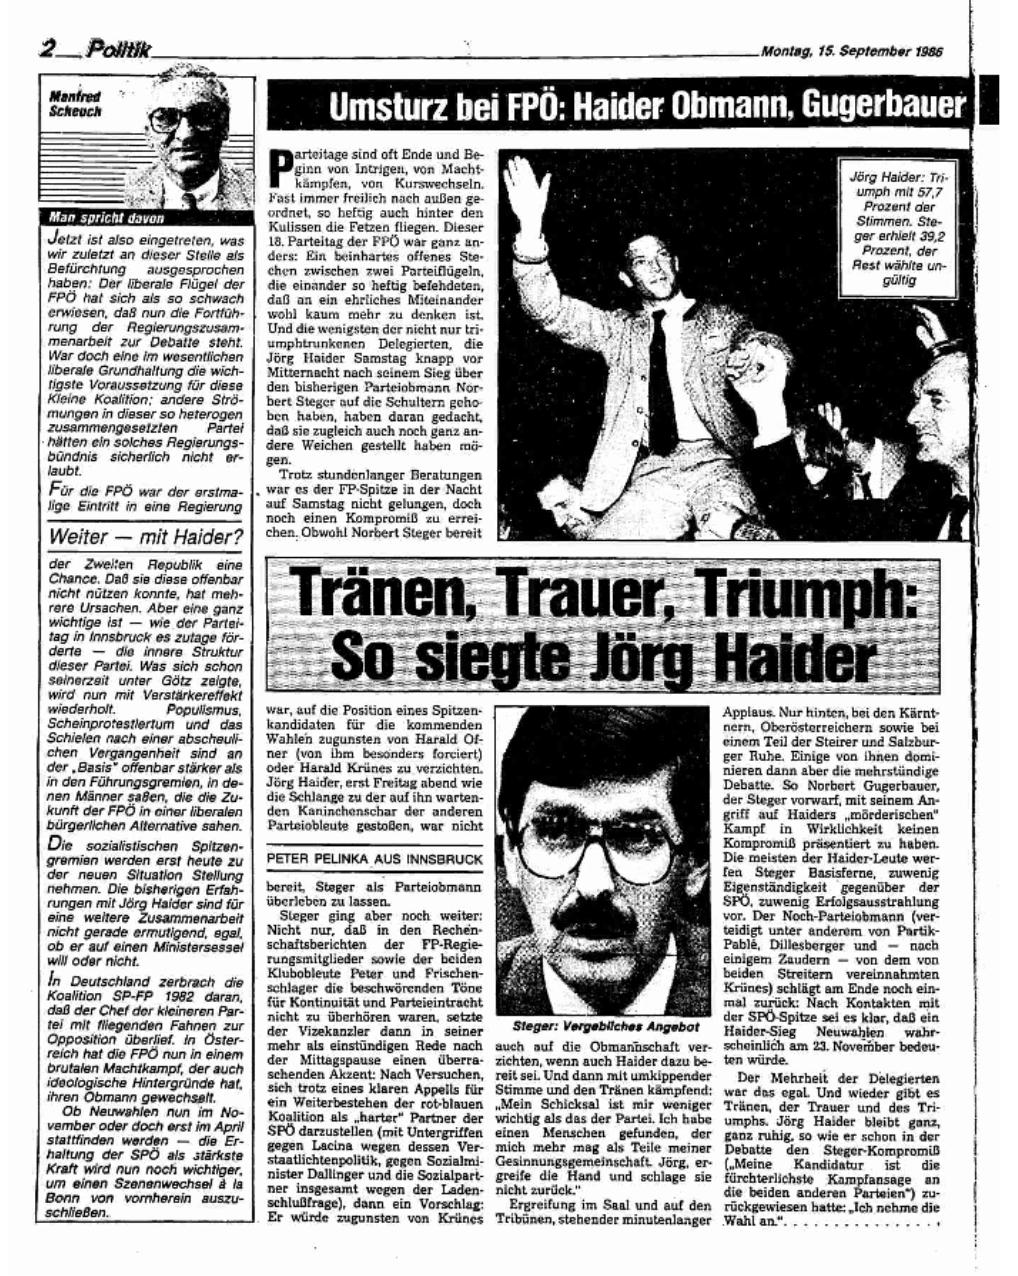 """Arbeiter Zeitung 15.9.1986: """"Tränen, Trauer, Triumph: So siegte Jörg Haider"""""""